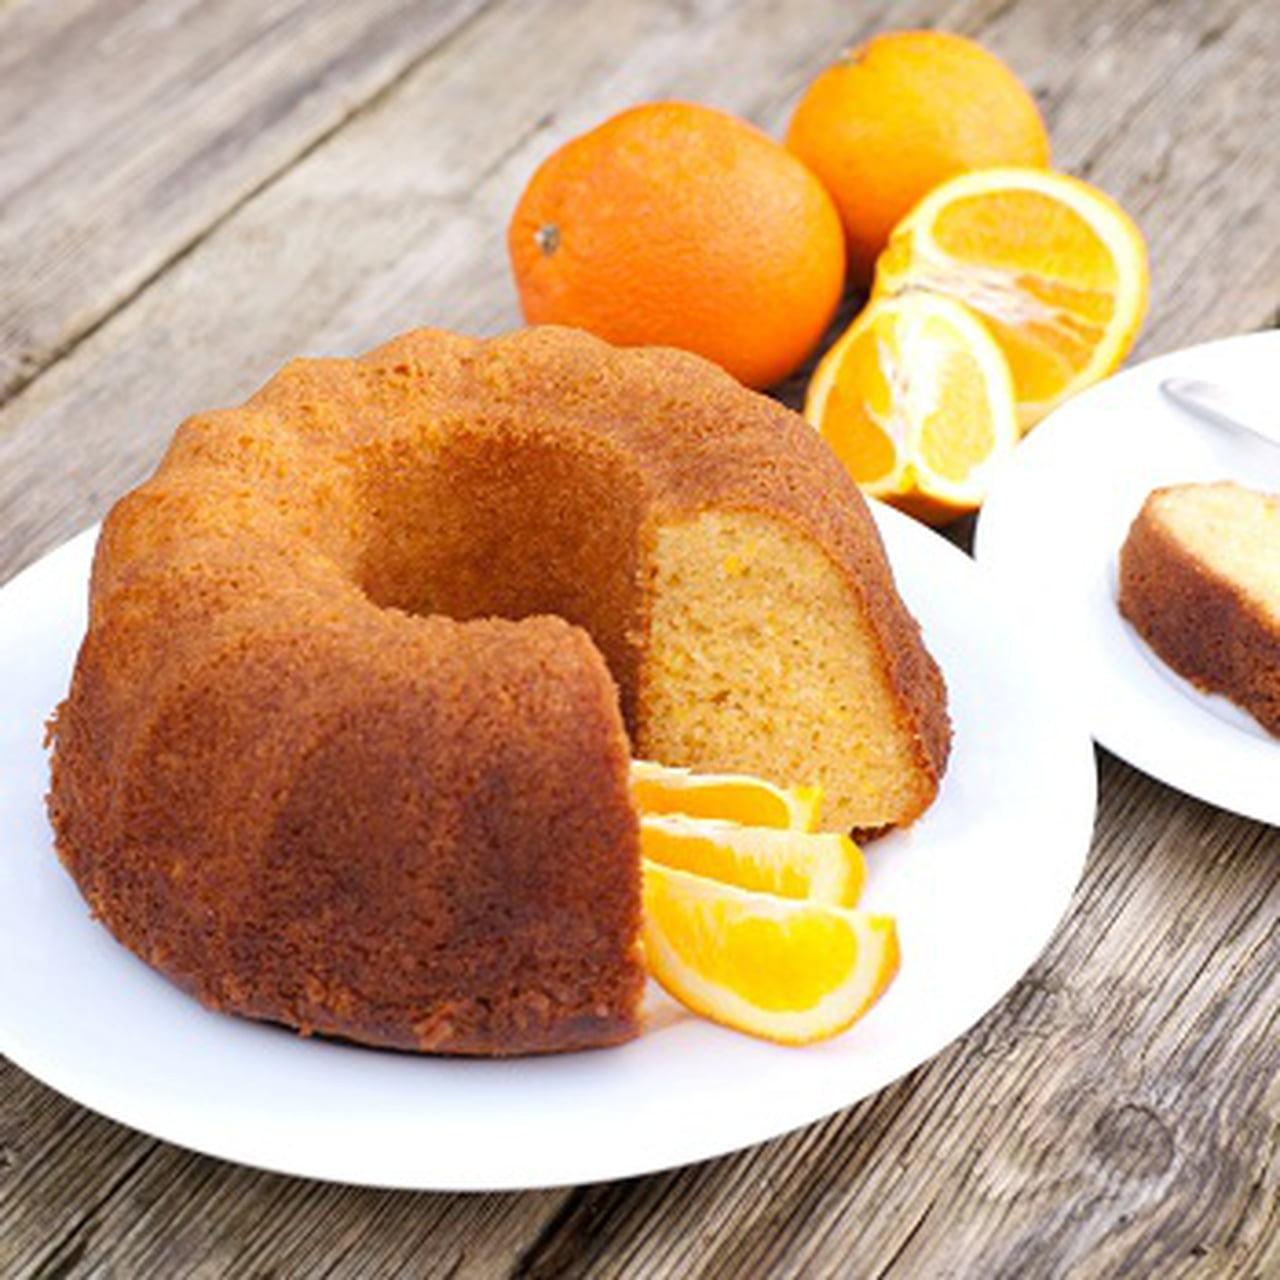 طريقة عمل الكيكة بالبرتقال